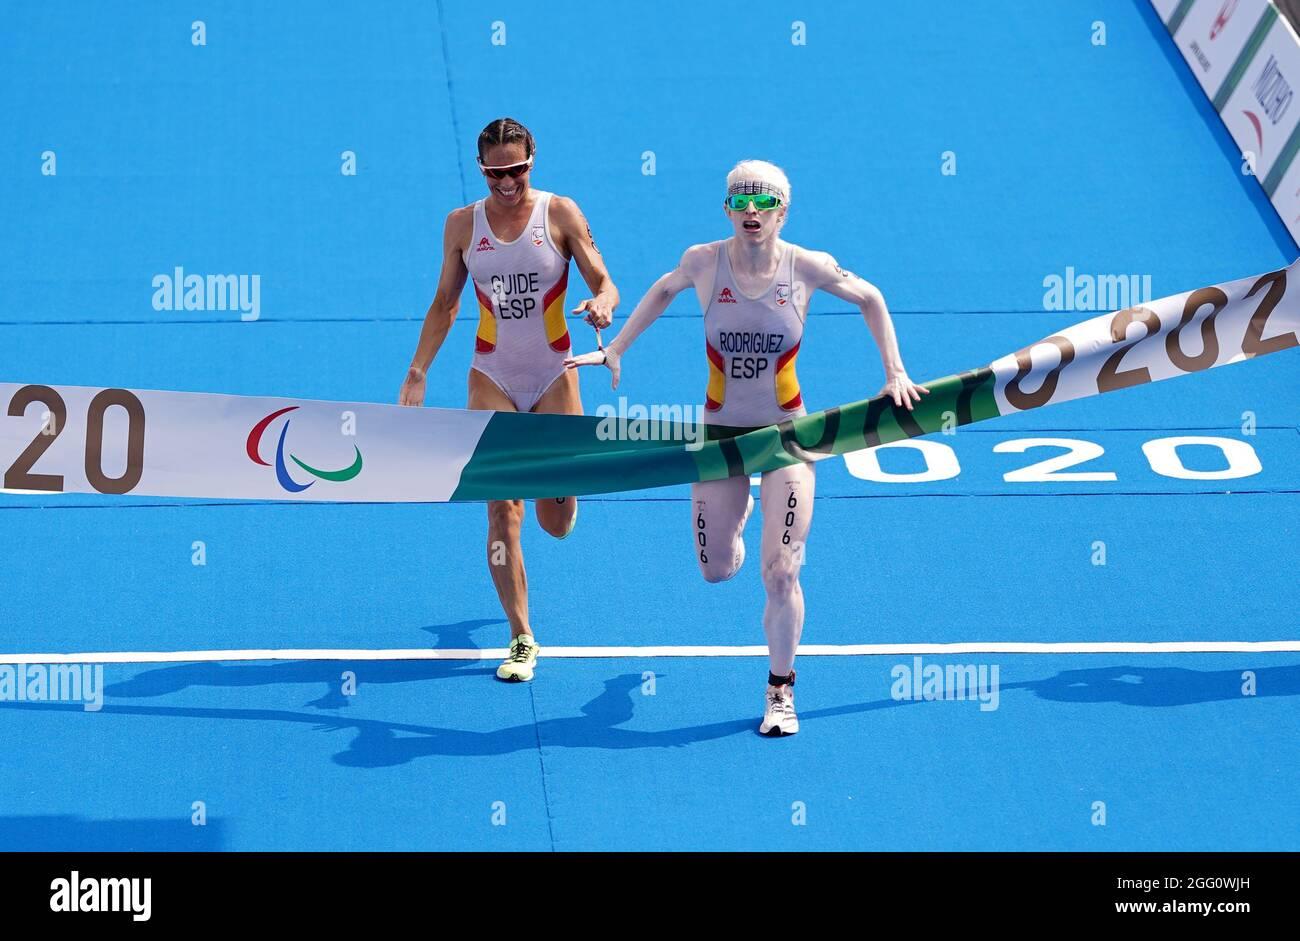 Susana Rodriguez e la guida spagnola Sara Loehr attraversano la linea per vincere l'oro nel Triathlon femminile PTVI al Parco Marino di Odaiba durante il quarto giorno dei Giochi Paralimpici di Tokyo 2020 in Giappone. Data foto: Sabato 28 agosto 2021. Foto Stock